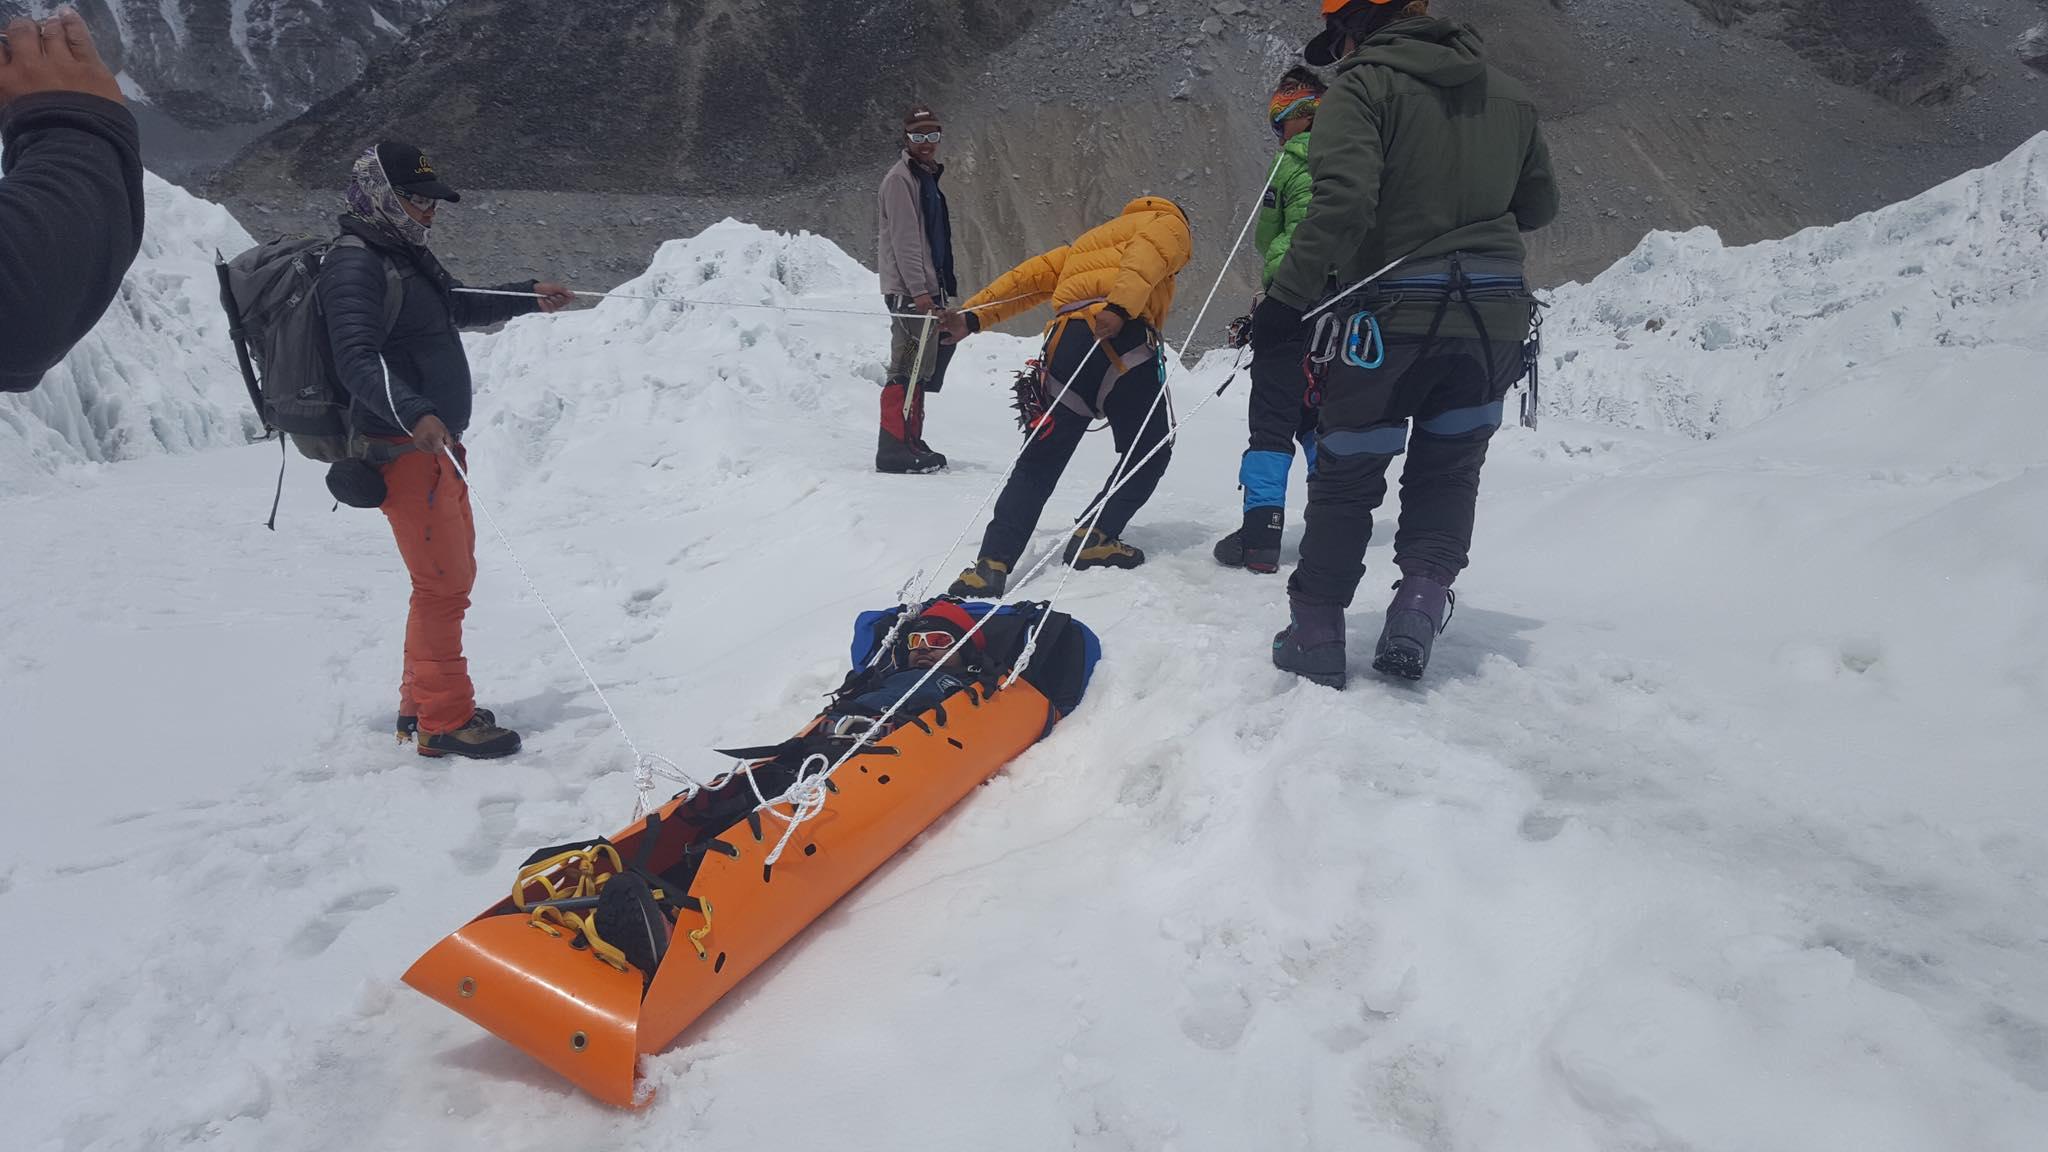 Italian mountain guides dolomiti skirock.